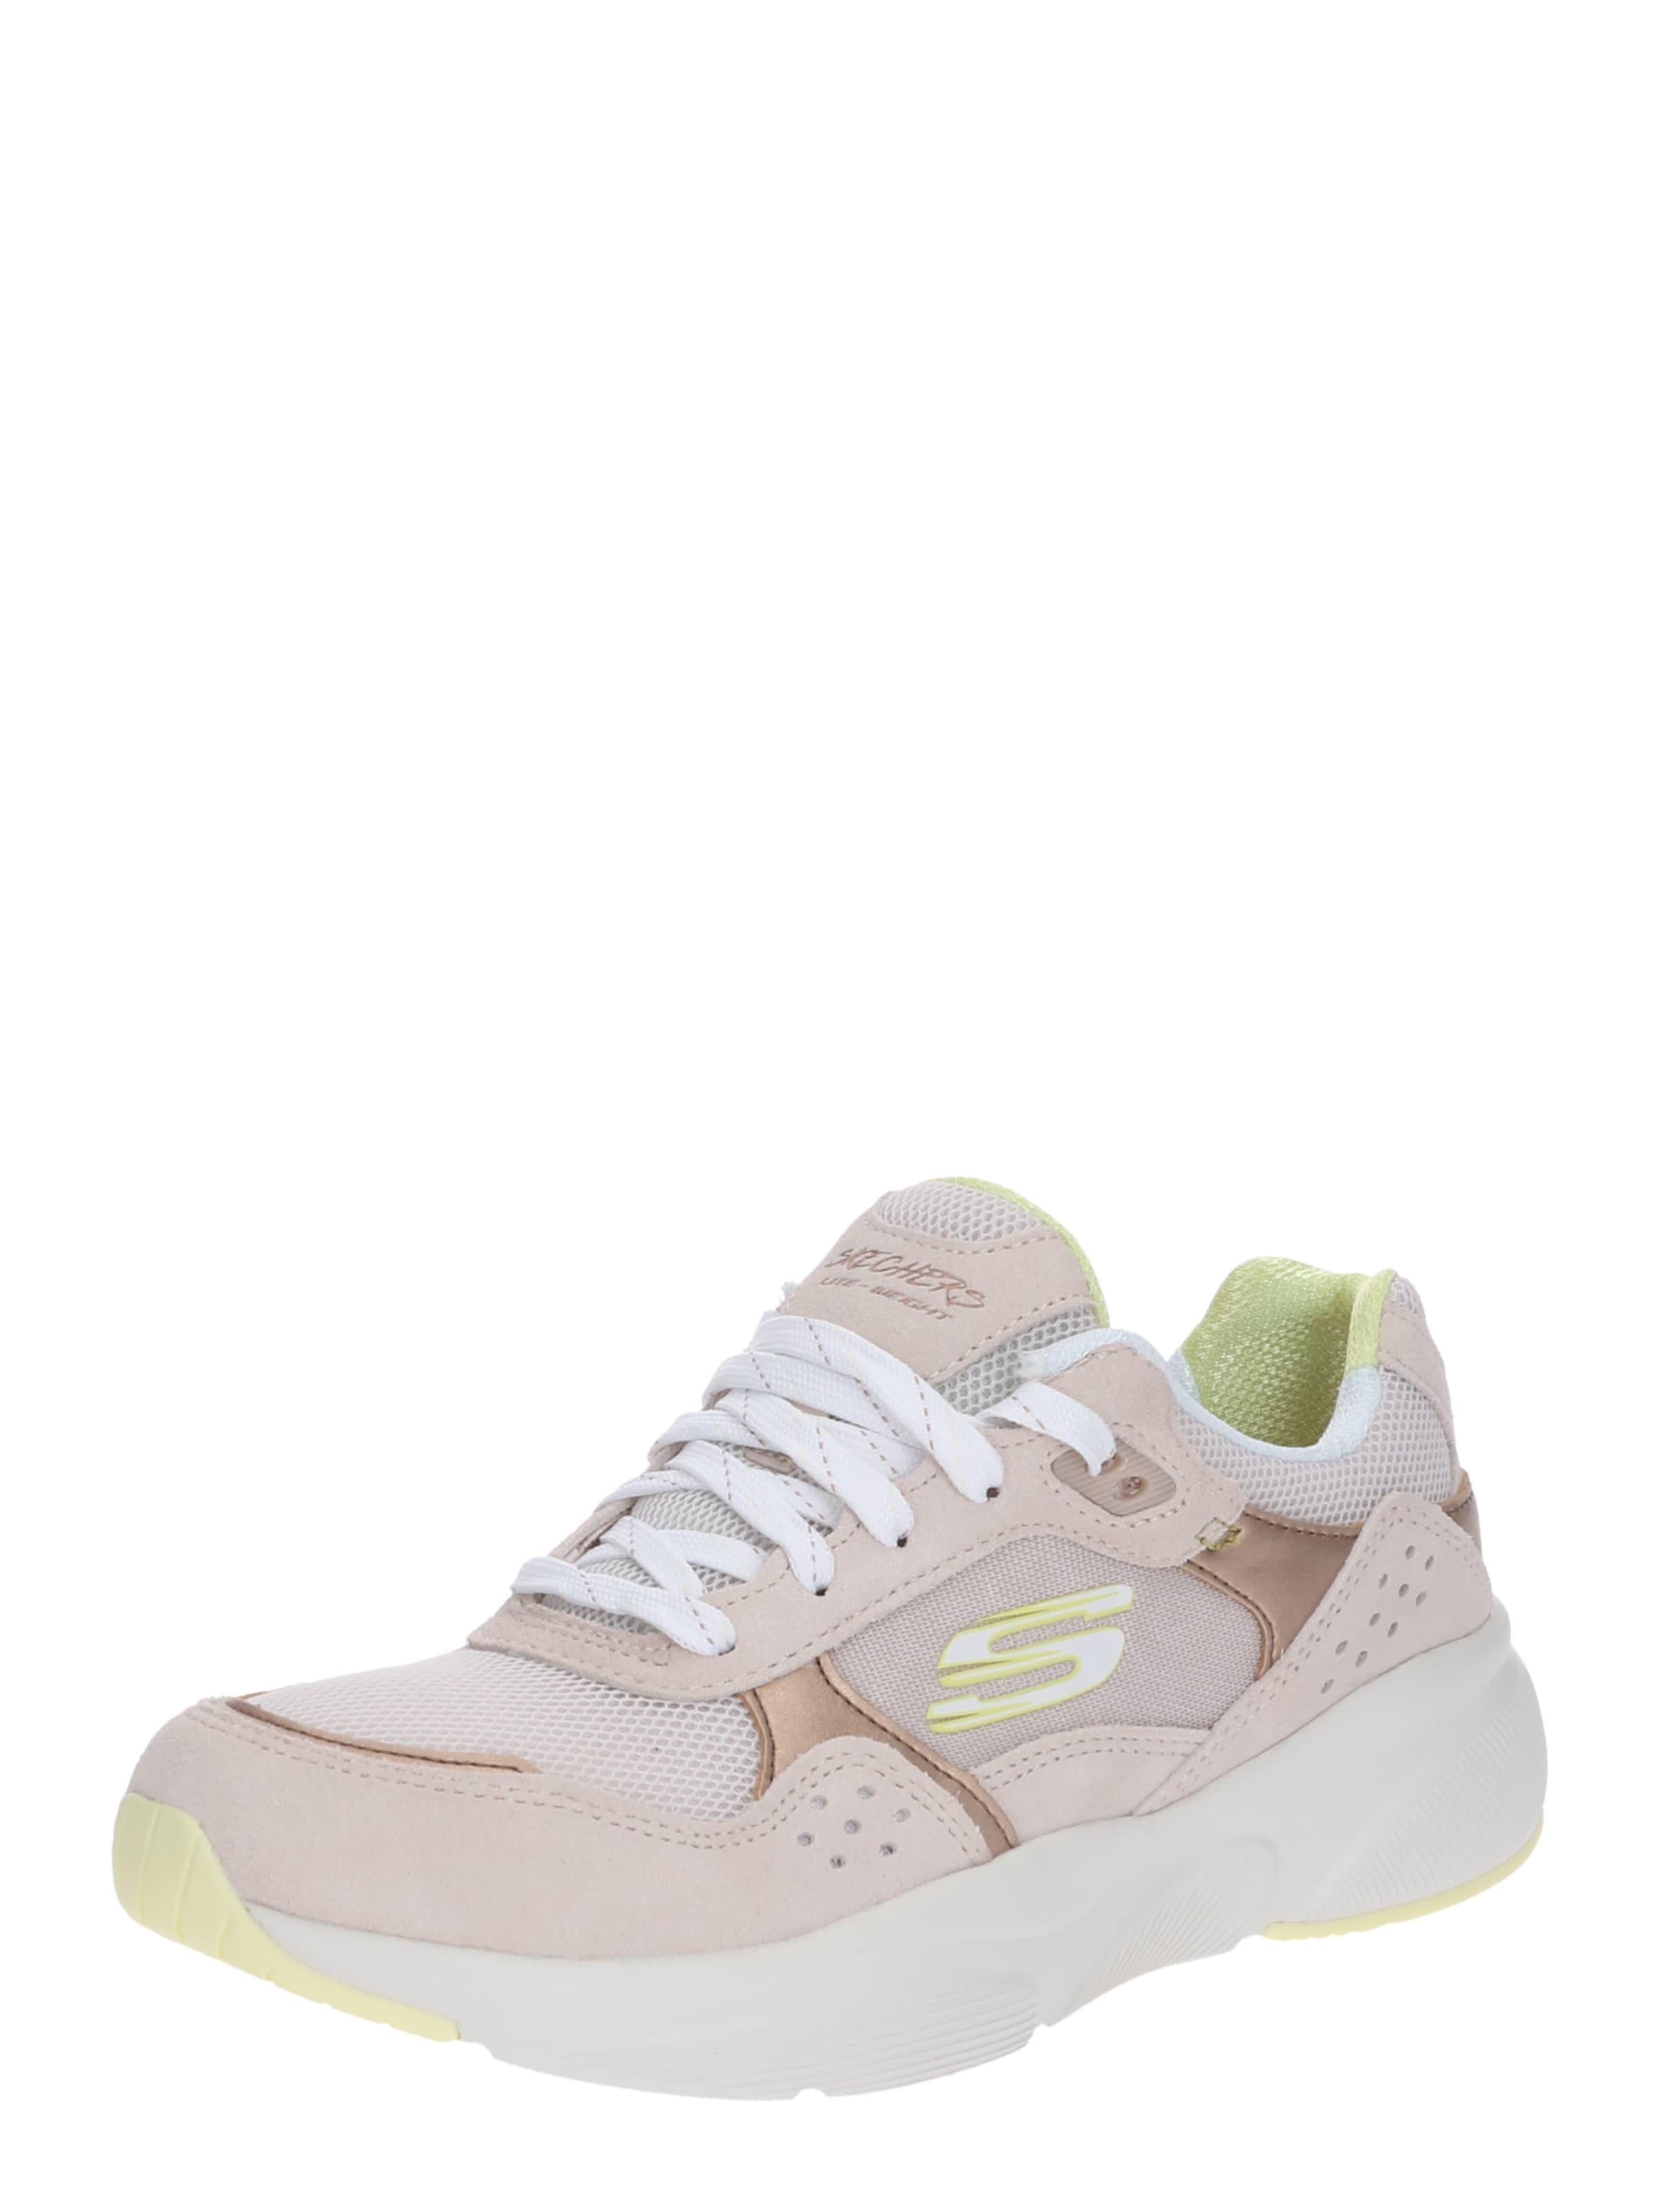 'meridian' Weiß Sneaker In Skechers BeigeRosa b6yv7IfgY